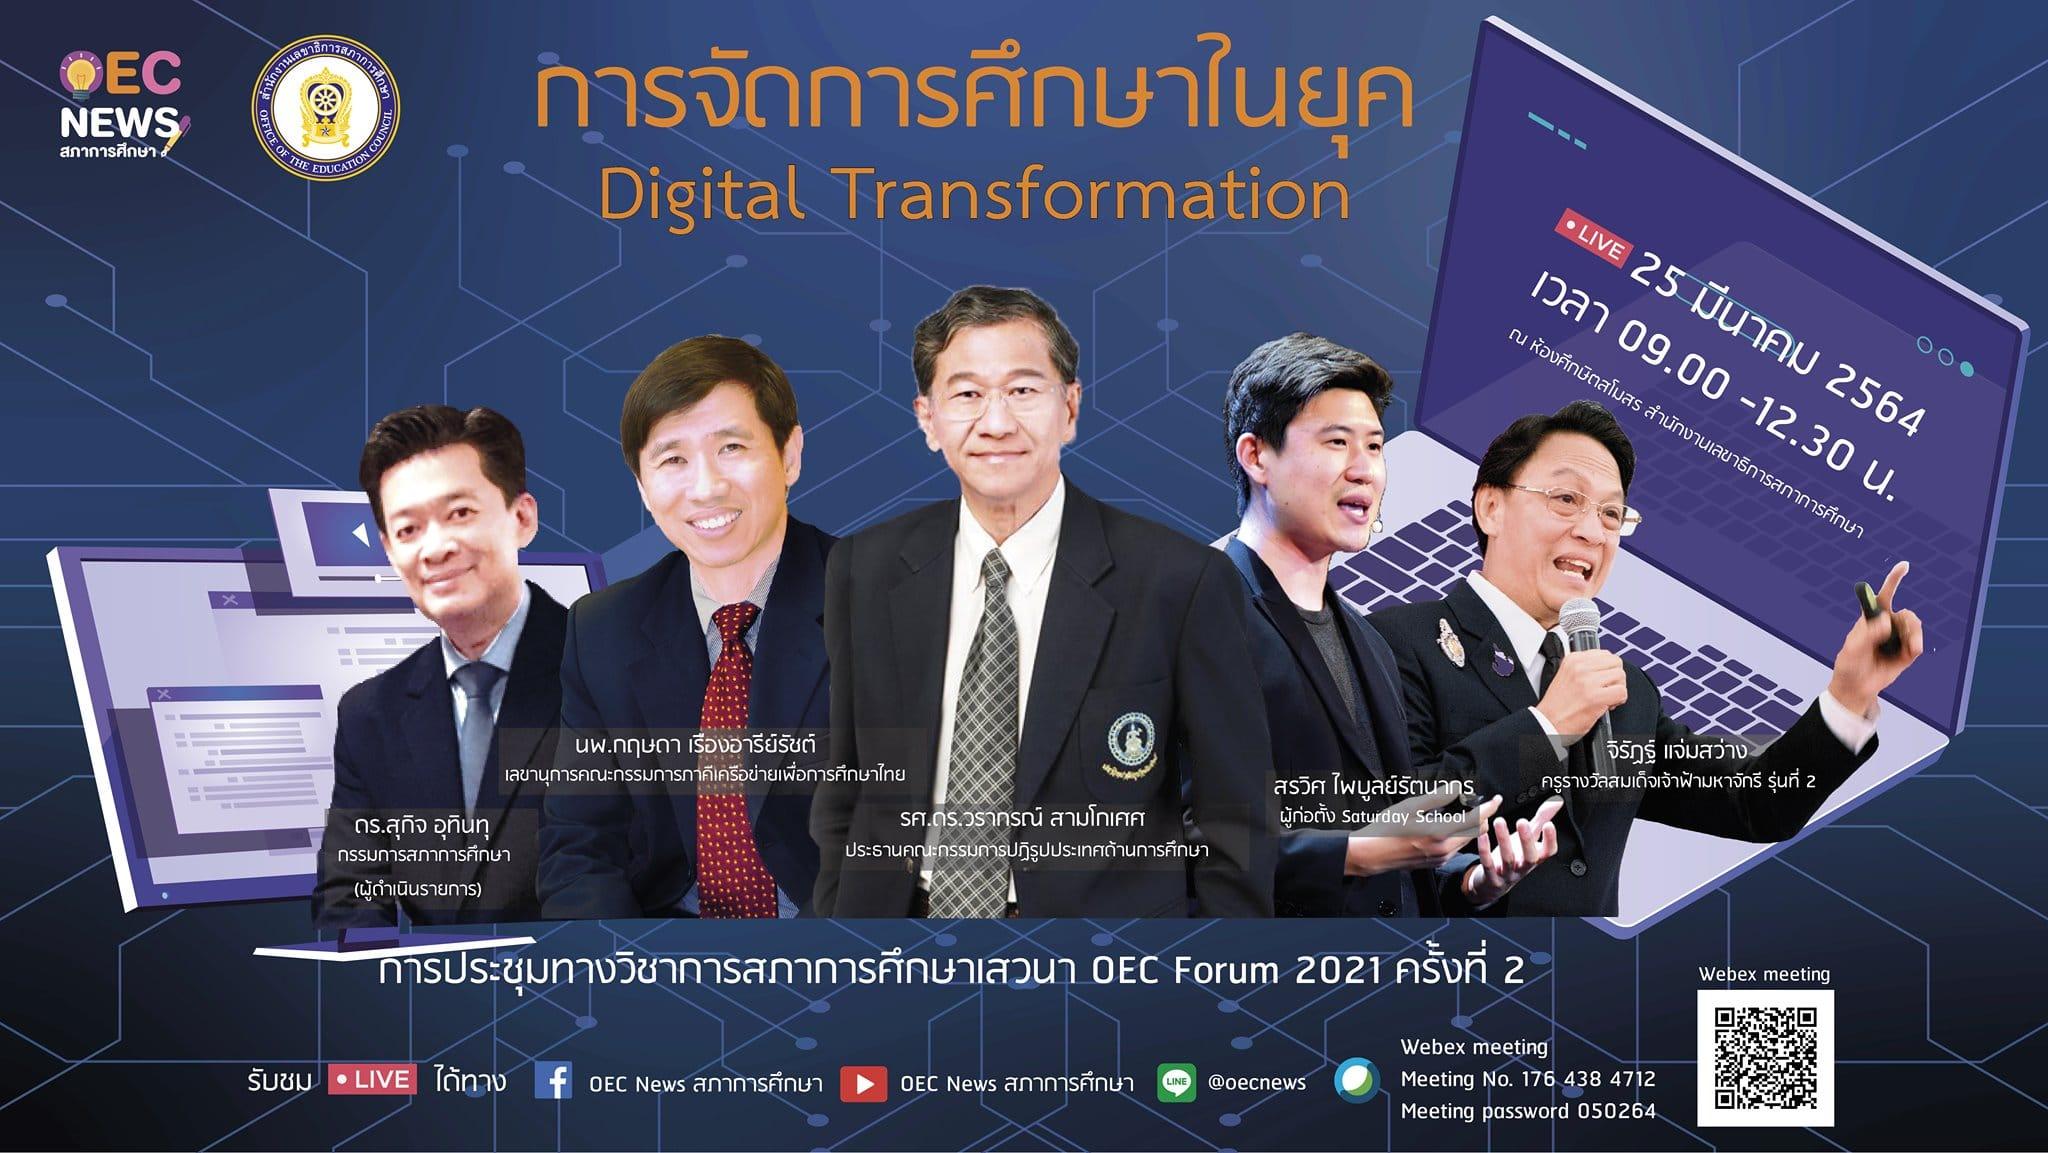 """ขอเชิญร่วมงานเสวนา หัวข้อ """"การจัดการศึกษาในยุค Digital Transformation"""" พร้อมรับใบประกาศนียบัตรฟรี!! โดยสภาการศึกษา วันที่25 มีนาคม 2564"""